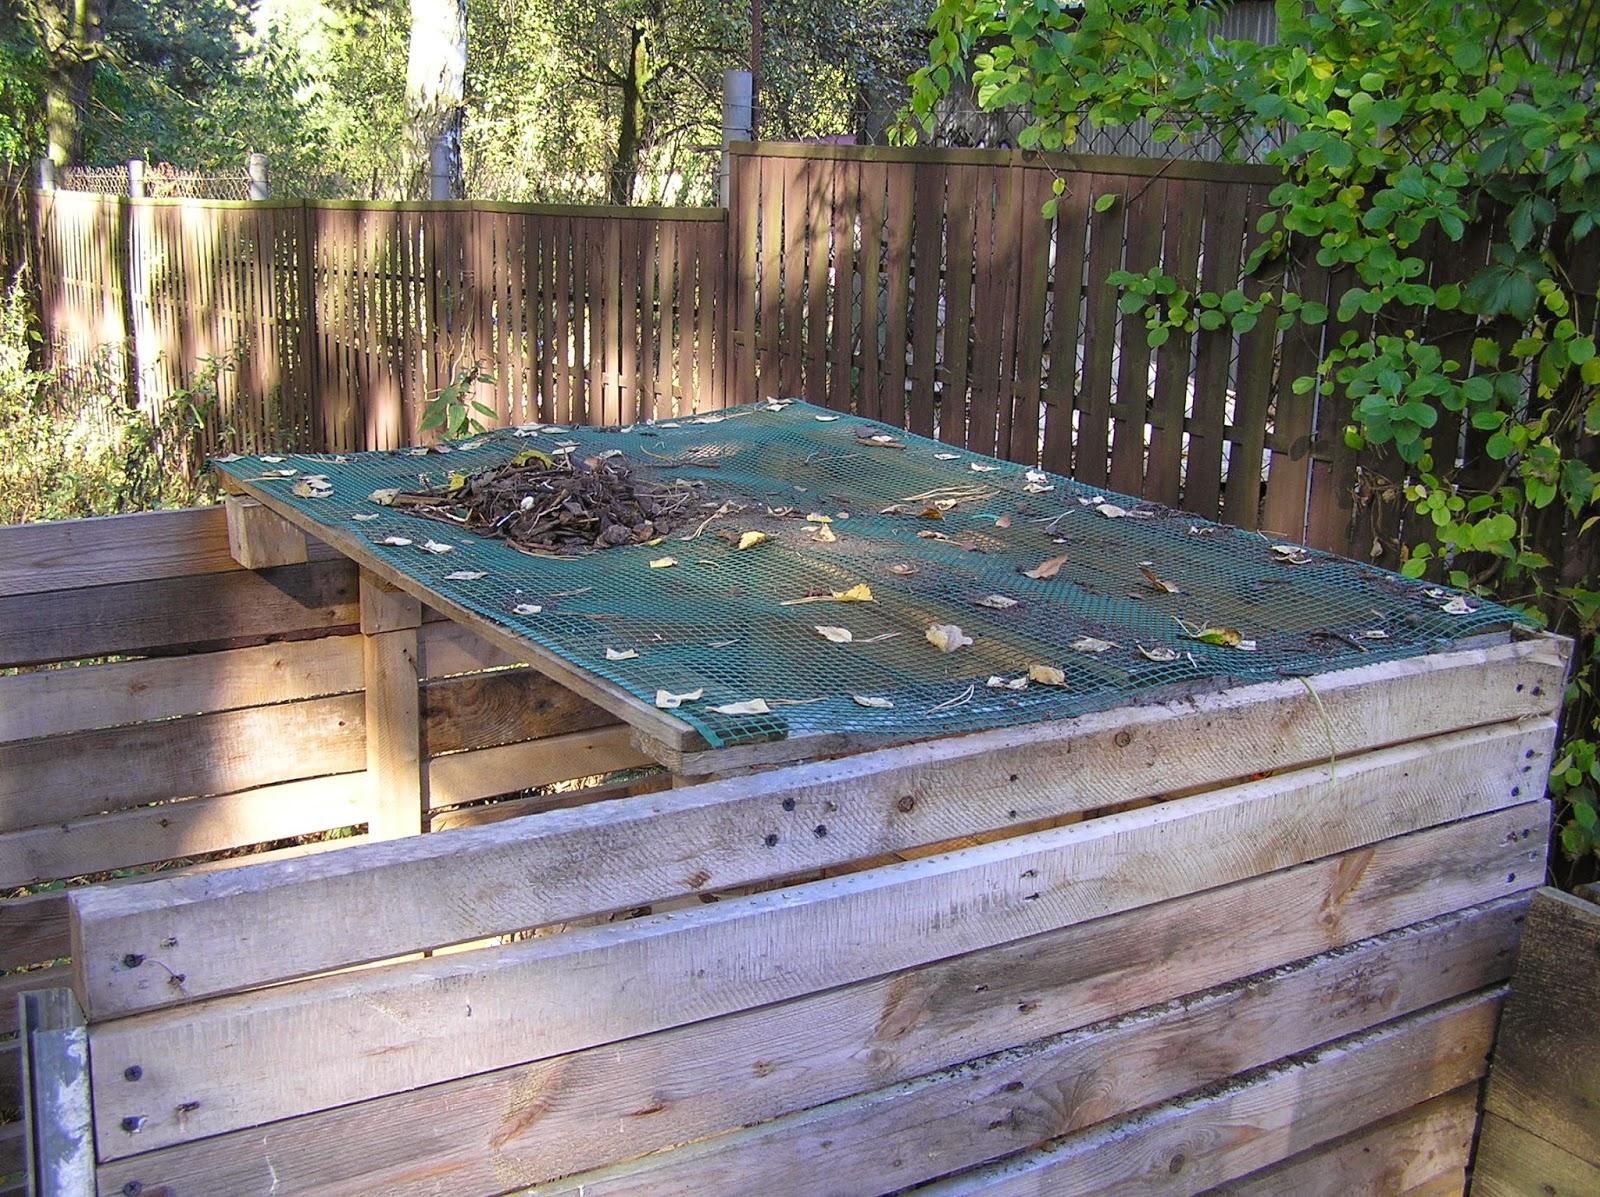 drewniana skrzynia kompostowa